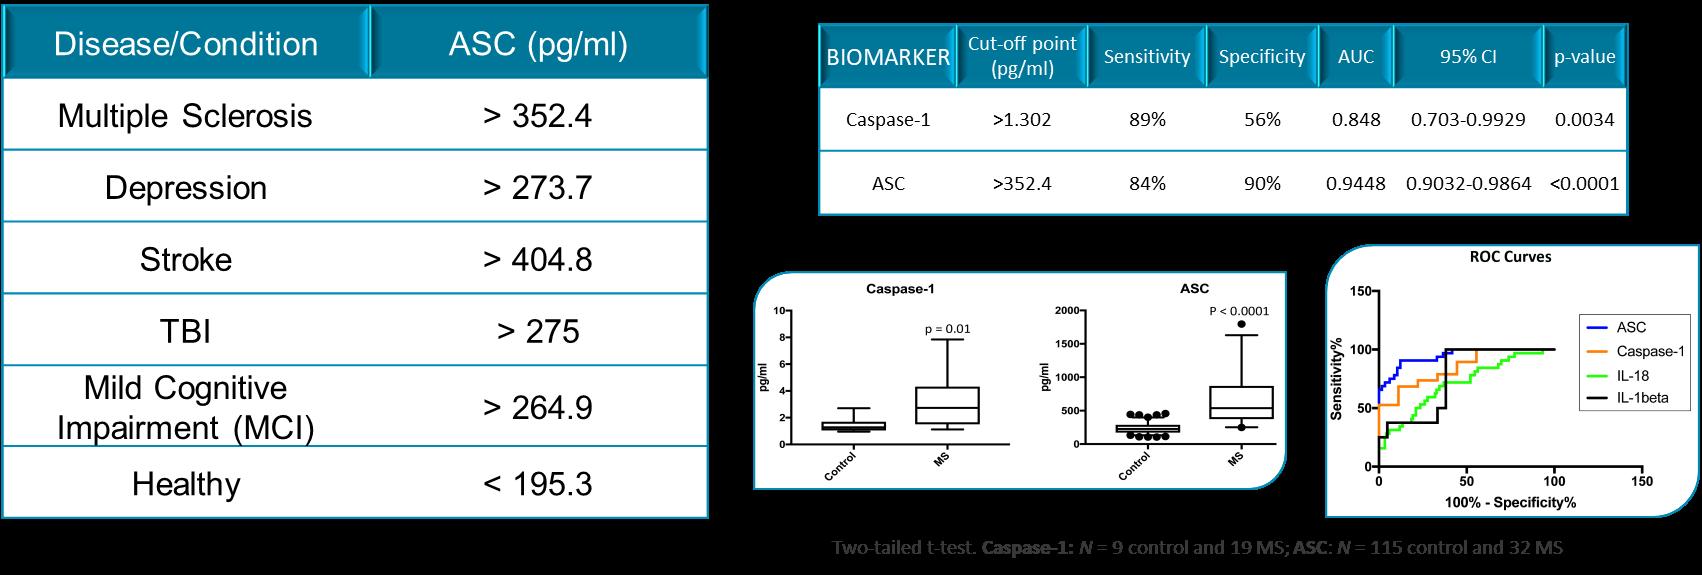 ASC Biomarker